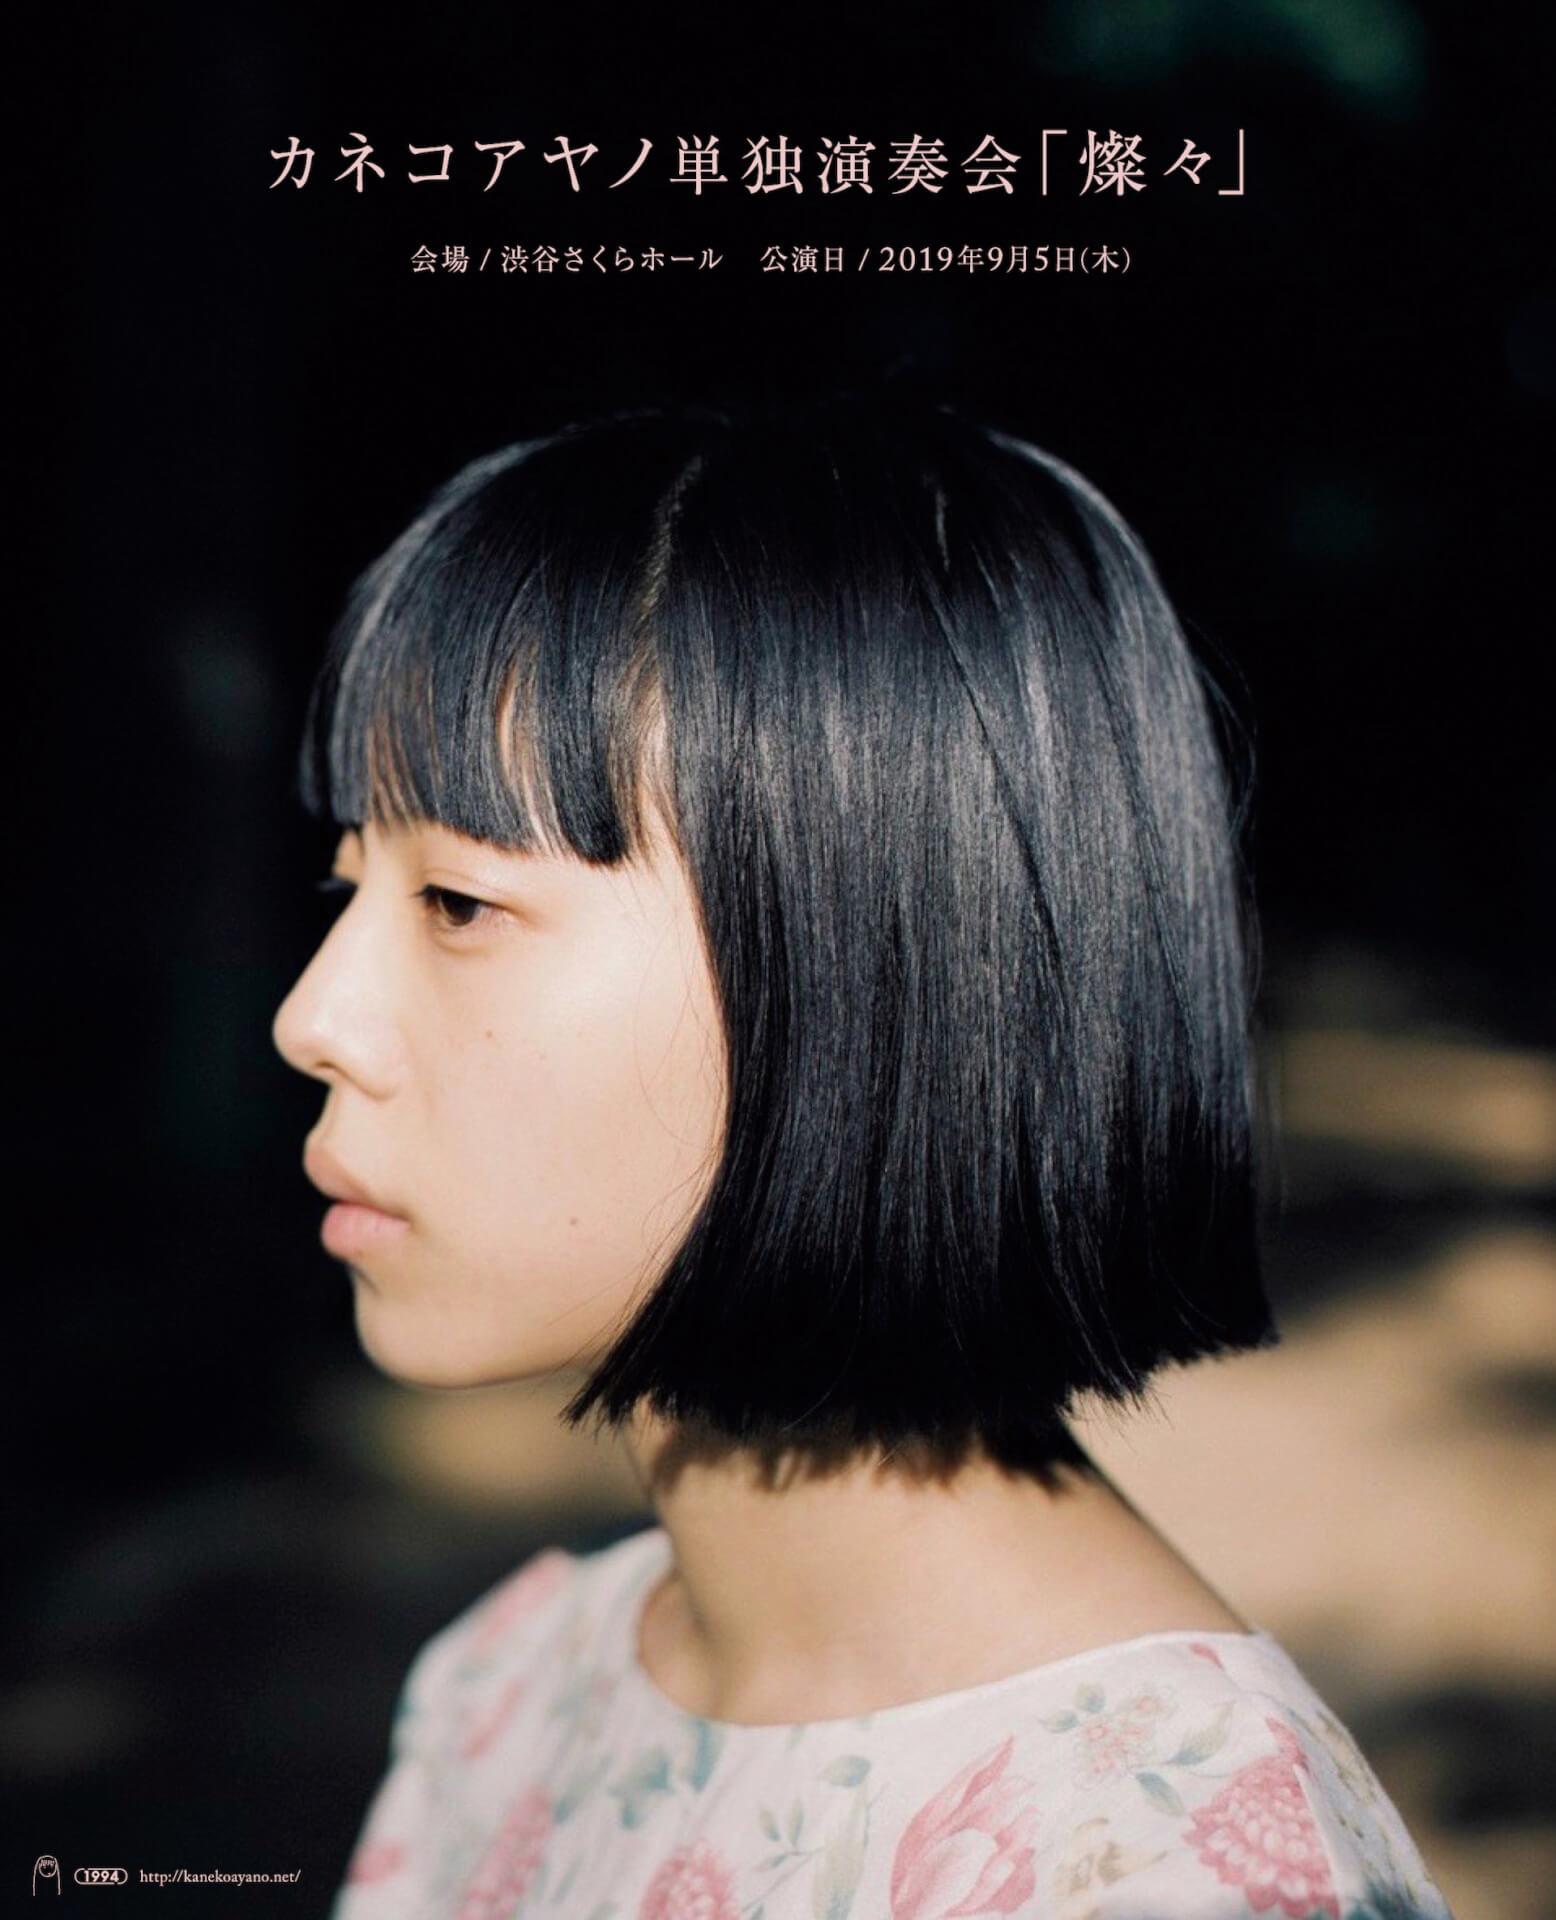 カネコアヤノ、9月発売の新AL『燦々』収録曲「光の方へ」のMVを公開|監督は岡田貴之 music190627-kanekoayano